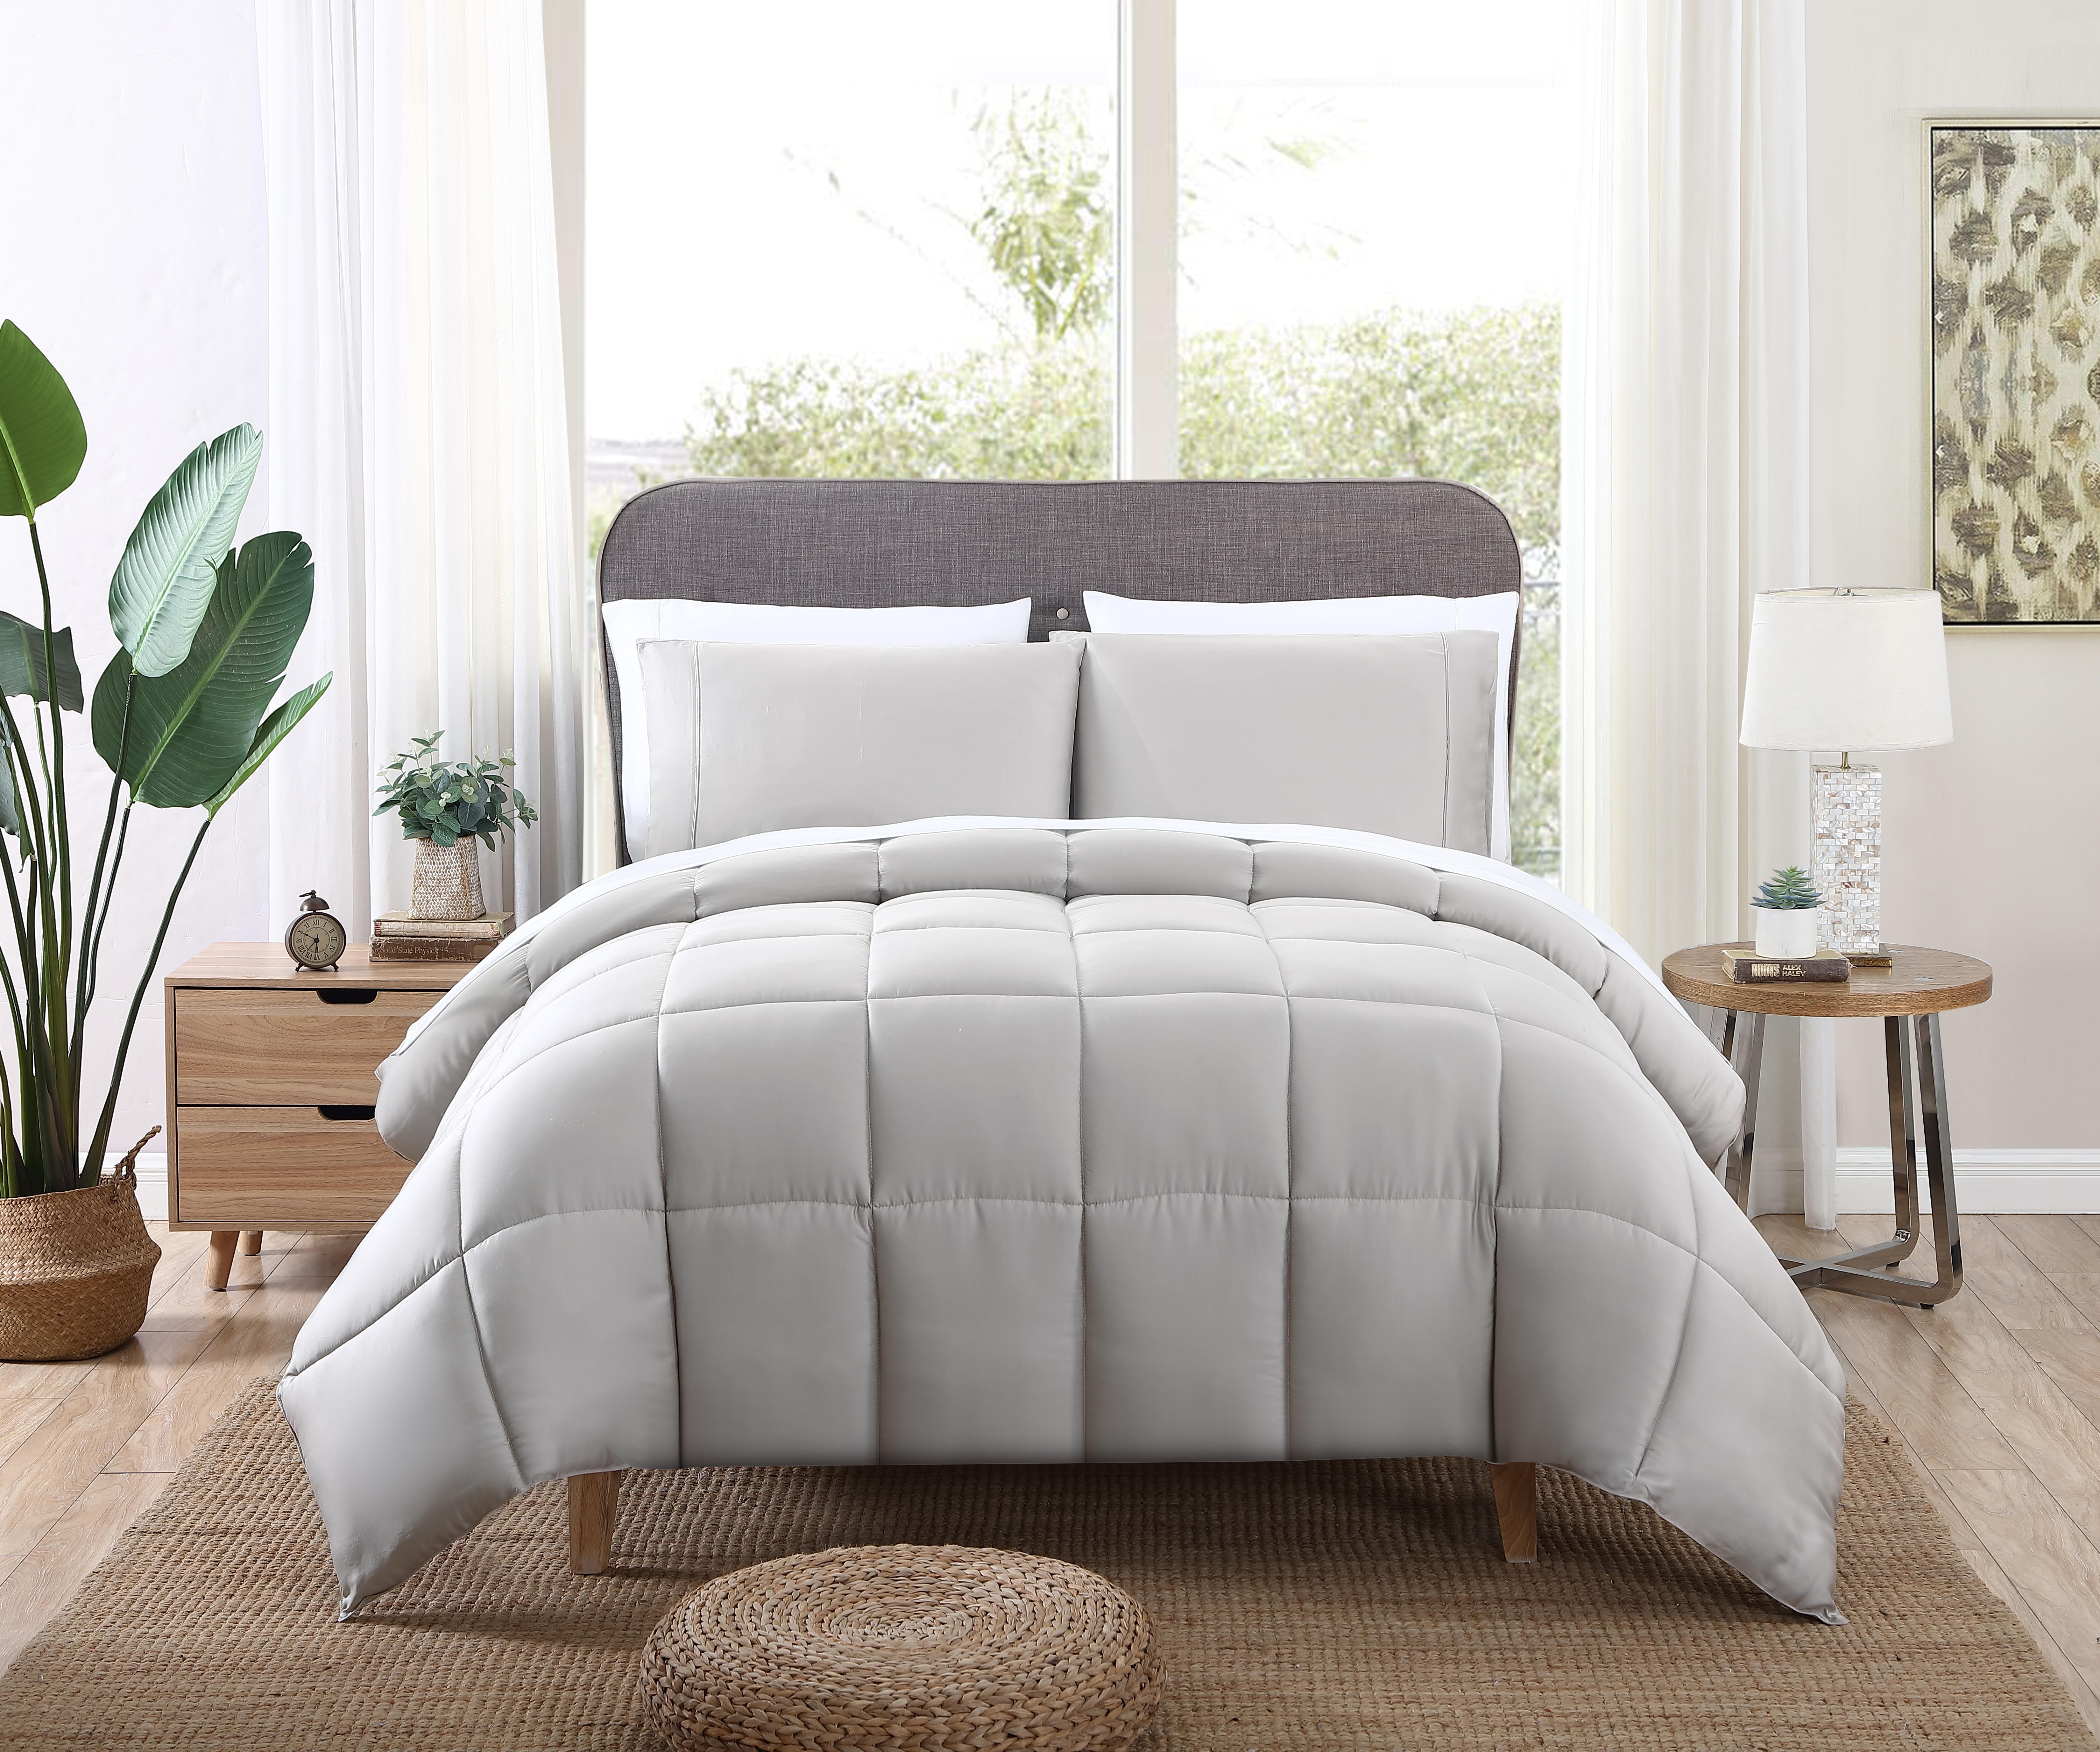 Kohl's Comforter Taupe (1)